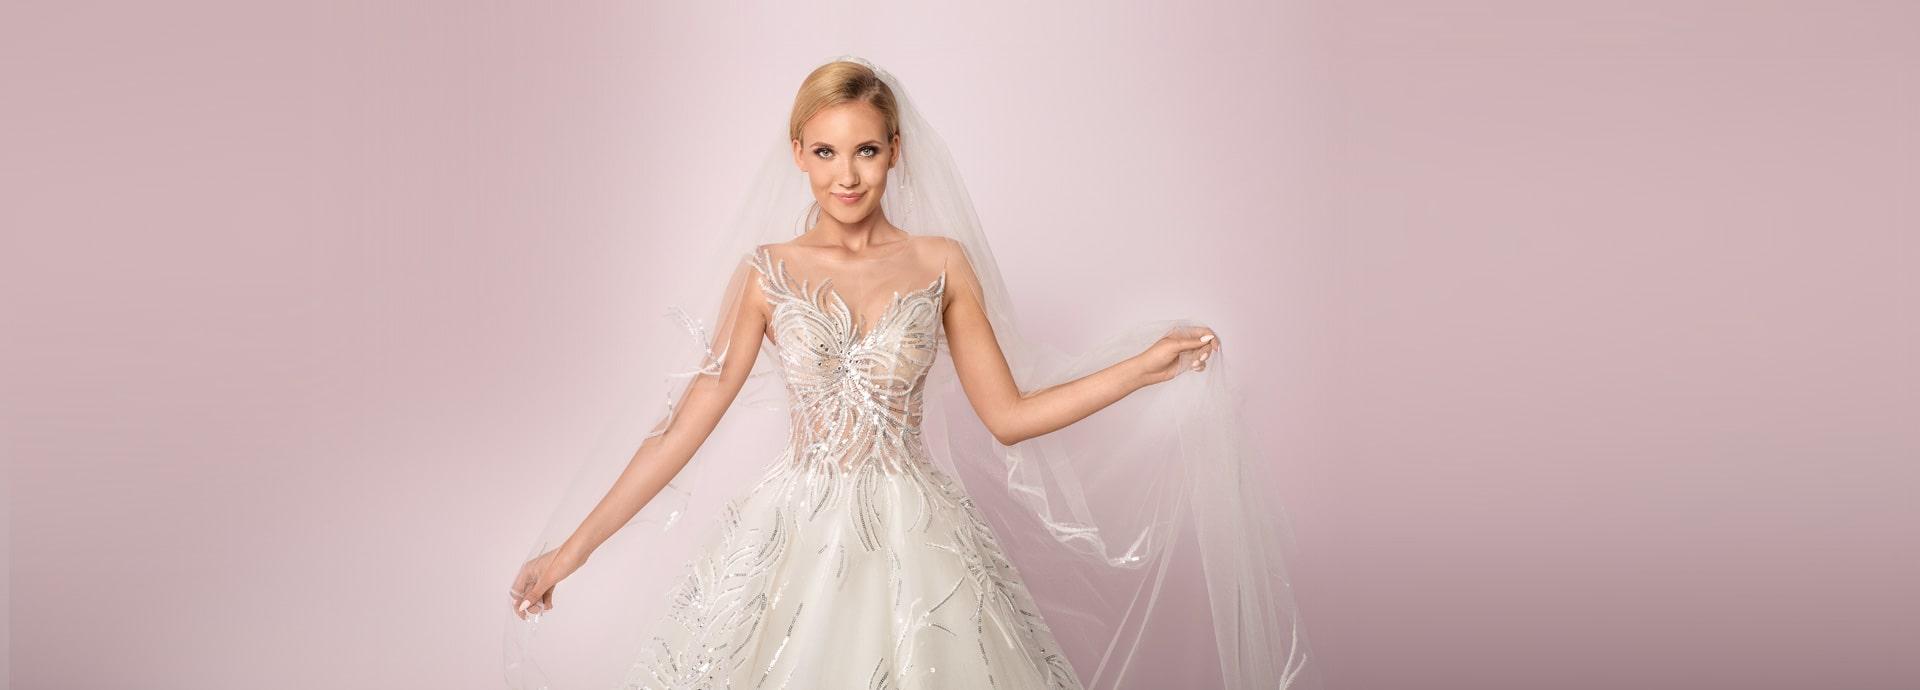 Biała suknia ślubna z gorsetem zdobionym cekinami ze srebrnym połyskiem